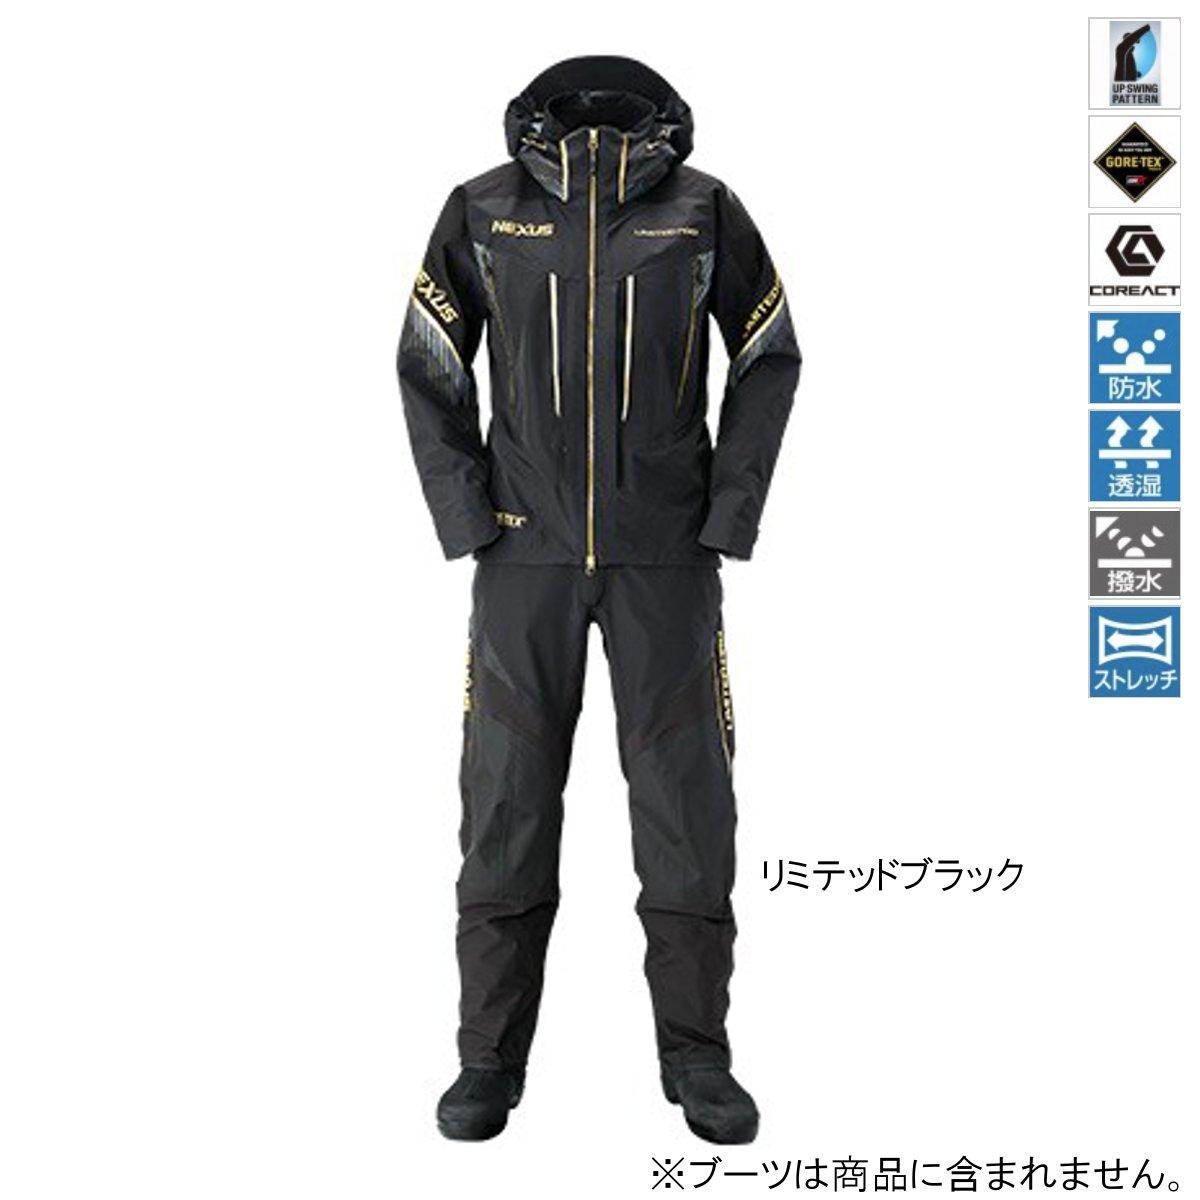 シマノ NEXUS・GORE-TEX レインスーツ LIMITED PRO RA-112S L リミテッドブラック(東日本店)